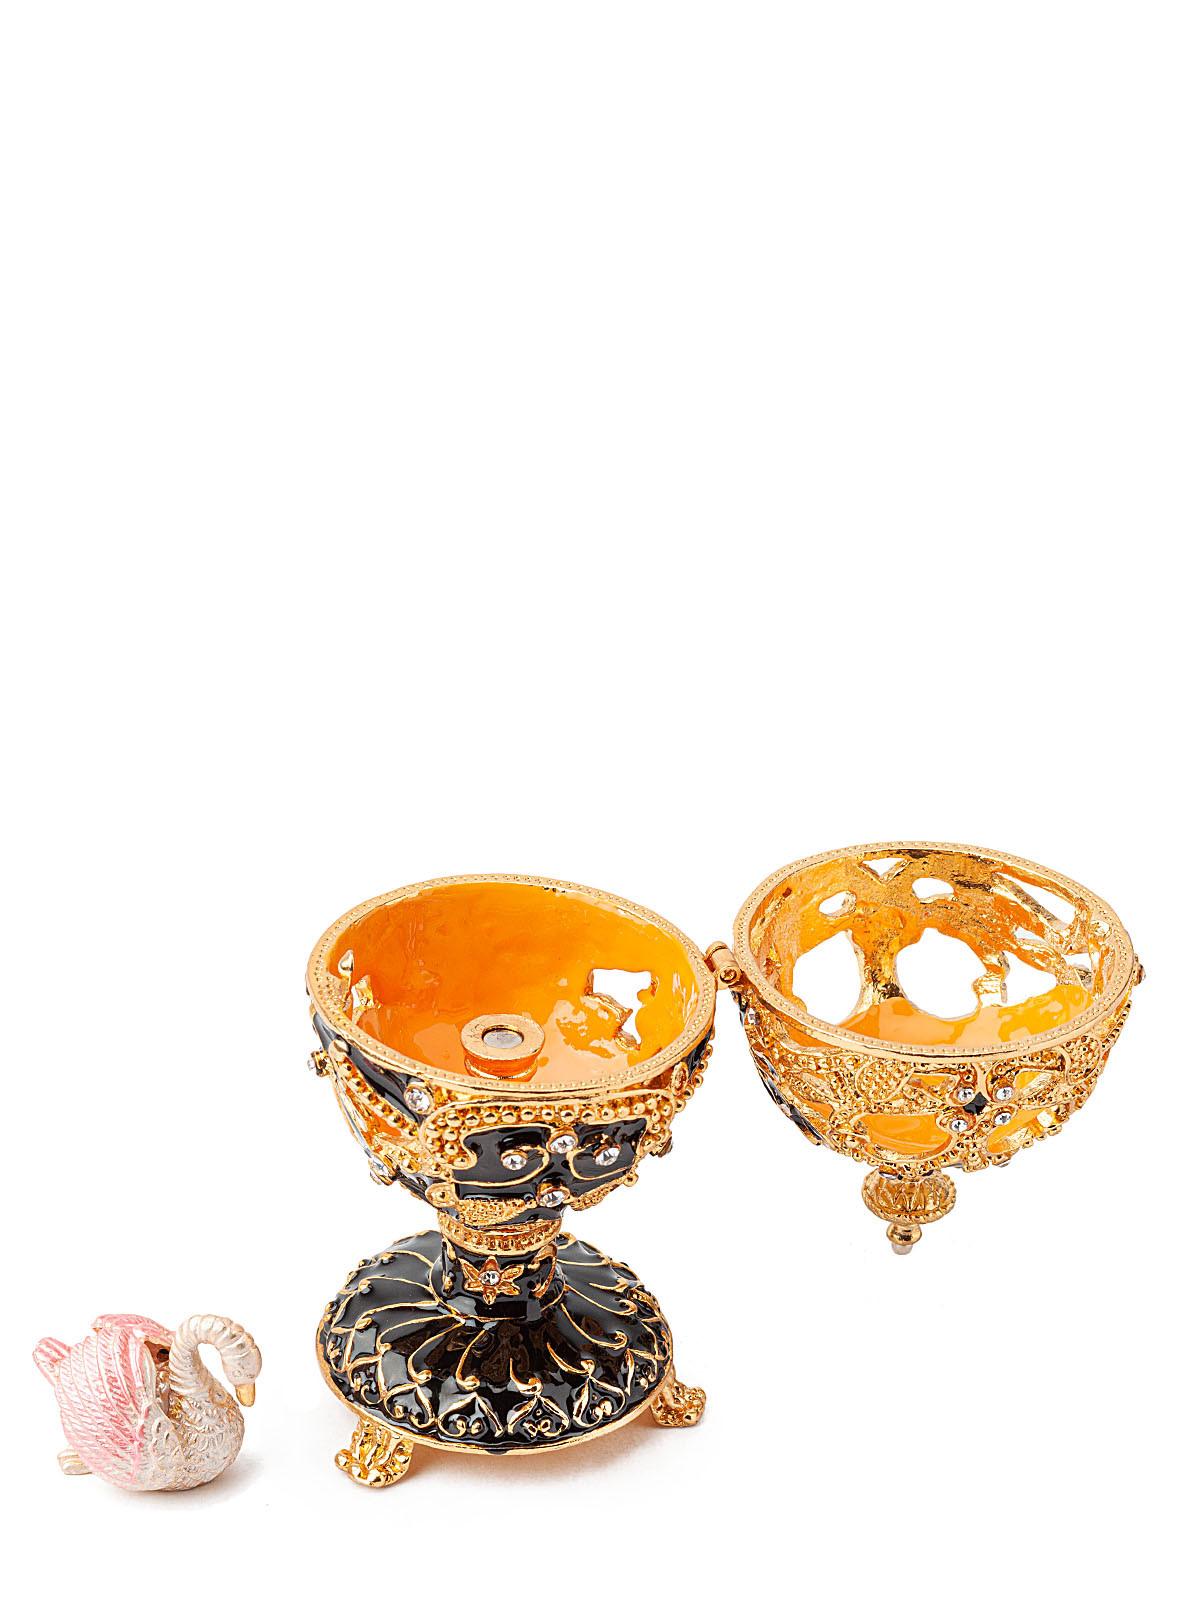 Шкатулка сувенирная Яйцо Фаберже S-5301 черный